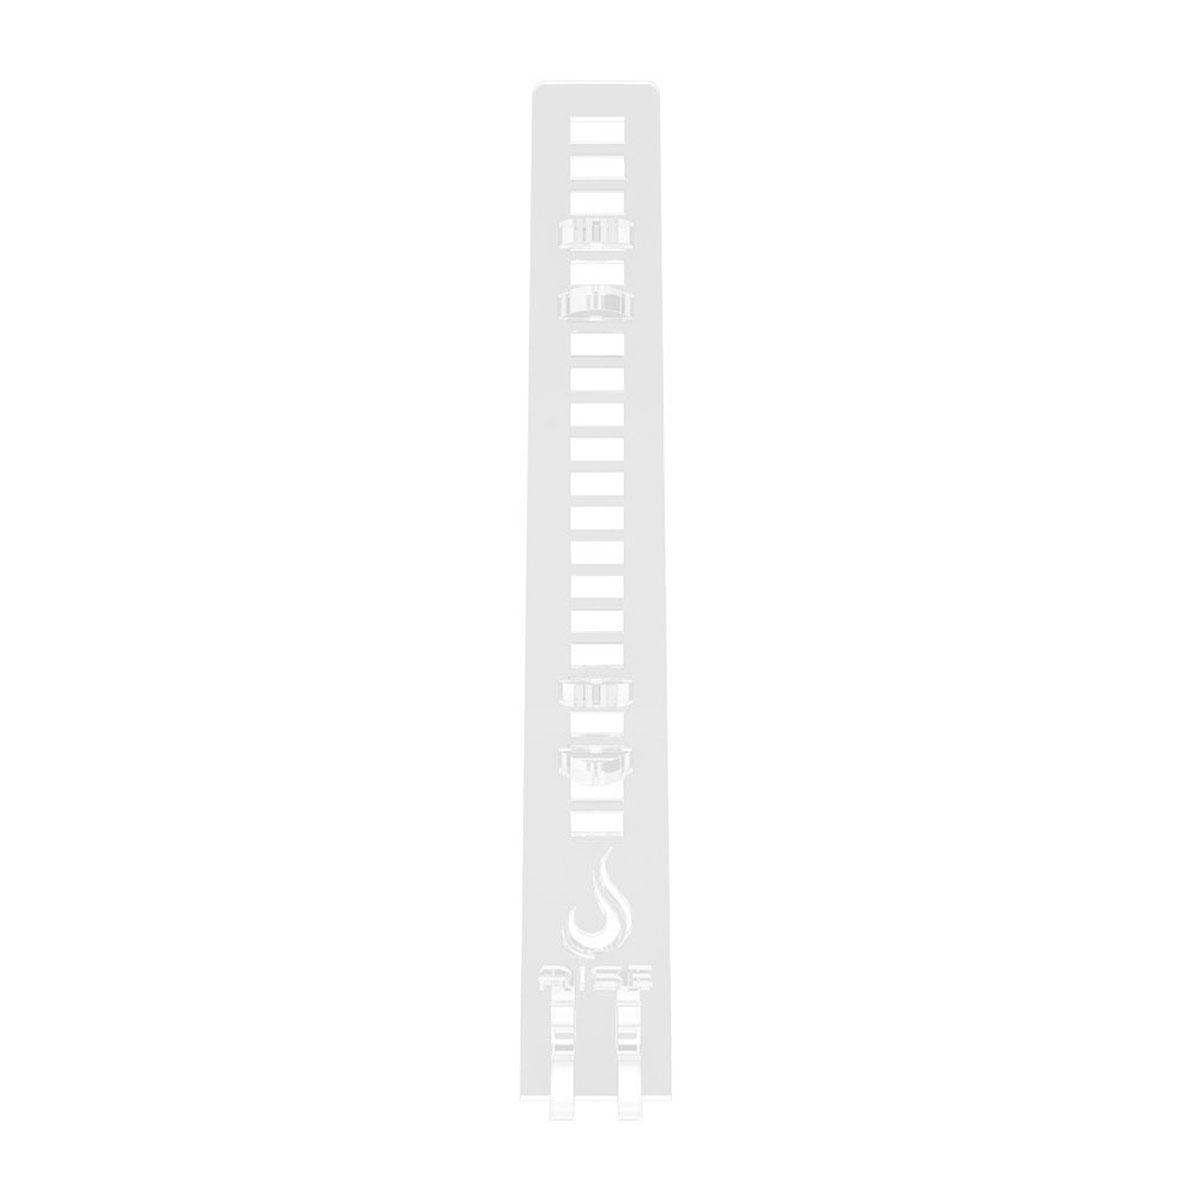 Suporte para Placa de Vídeo Rise Mode Small Aqua - RM-SV-02-SA